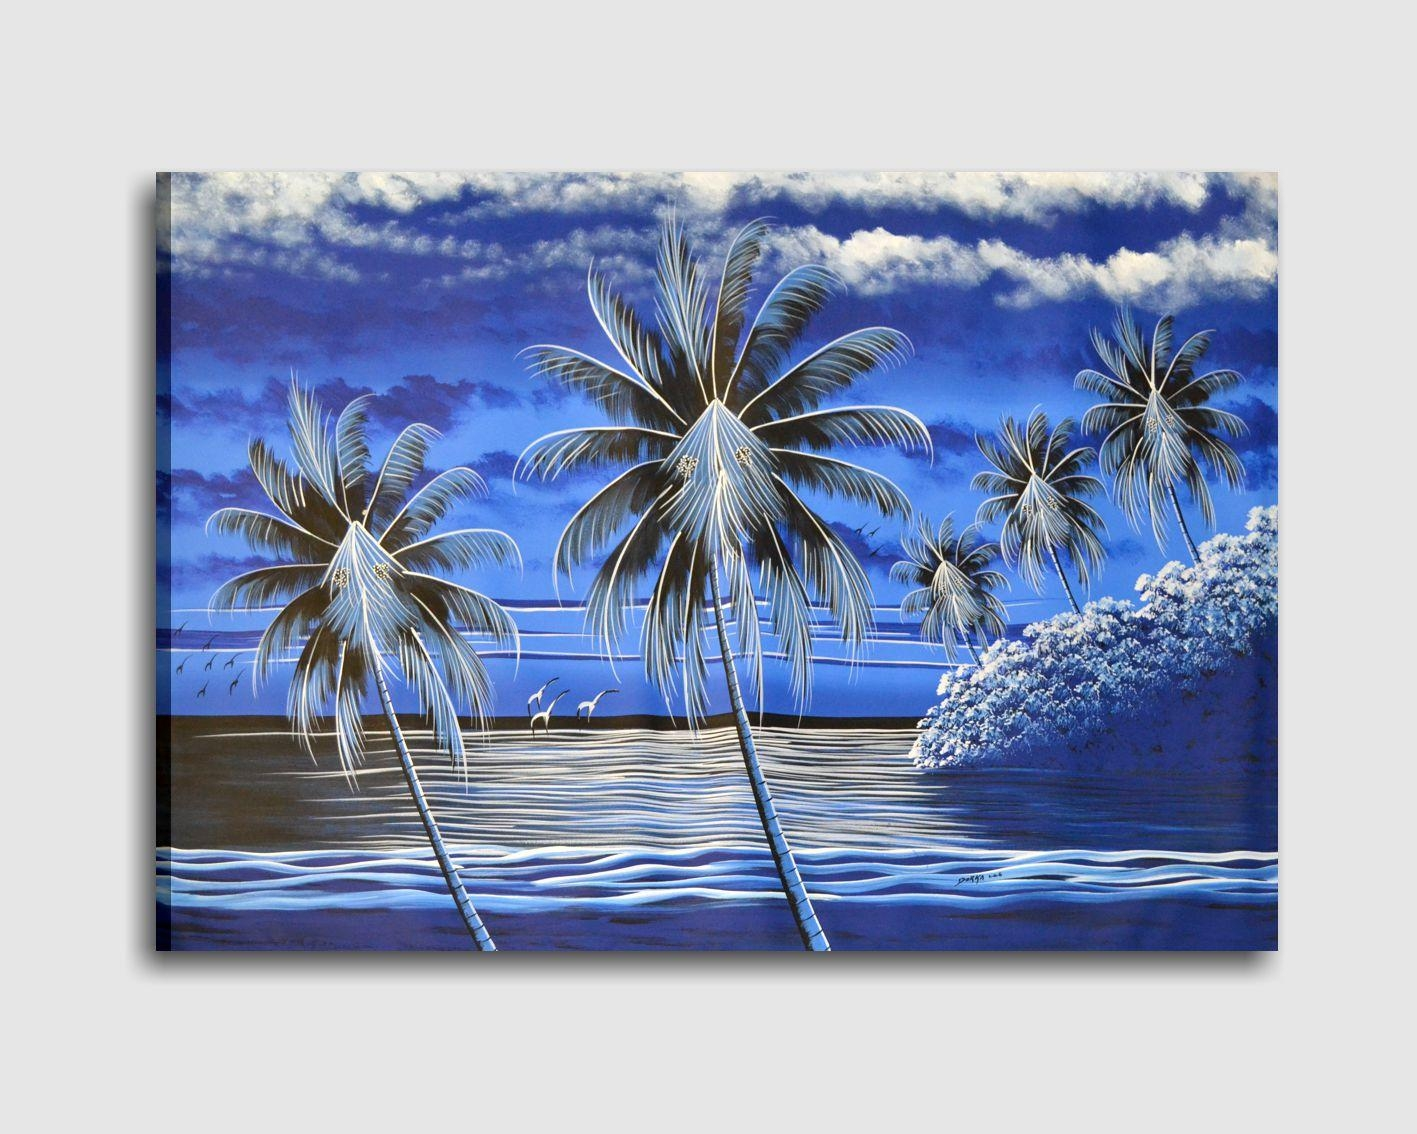 Disegno camino dibujo for Disegno paesaggio marino